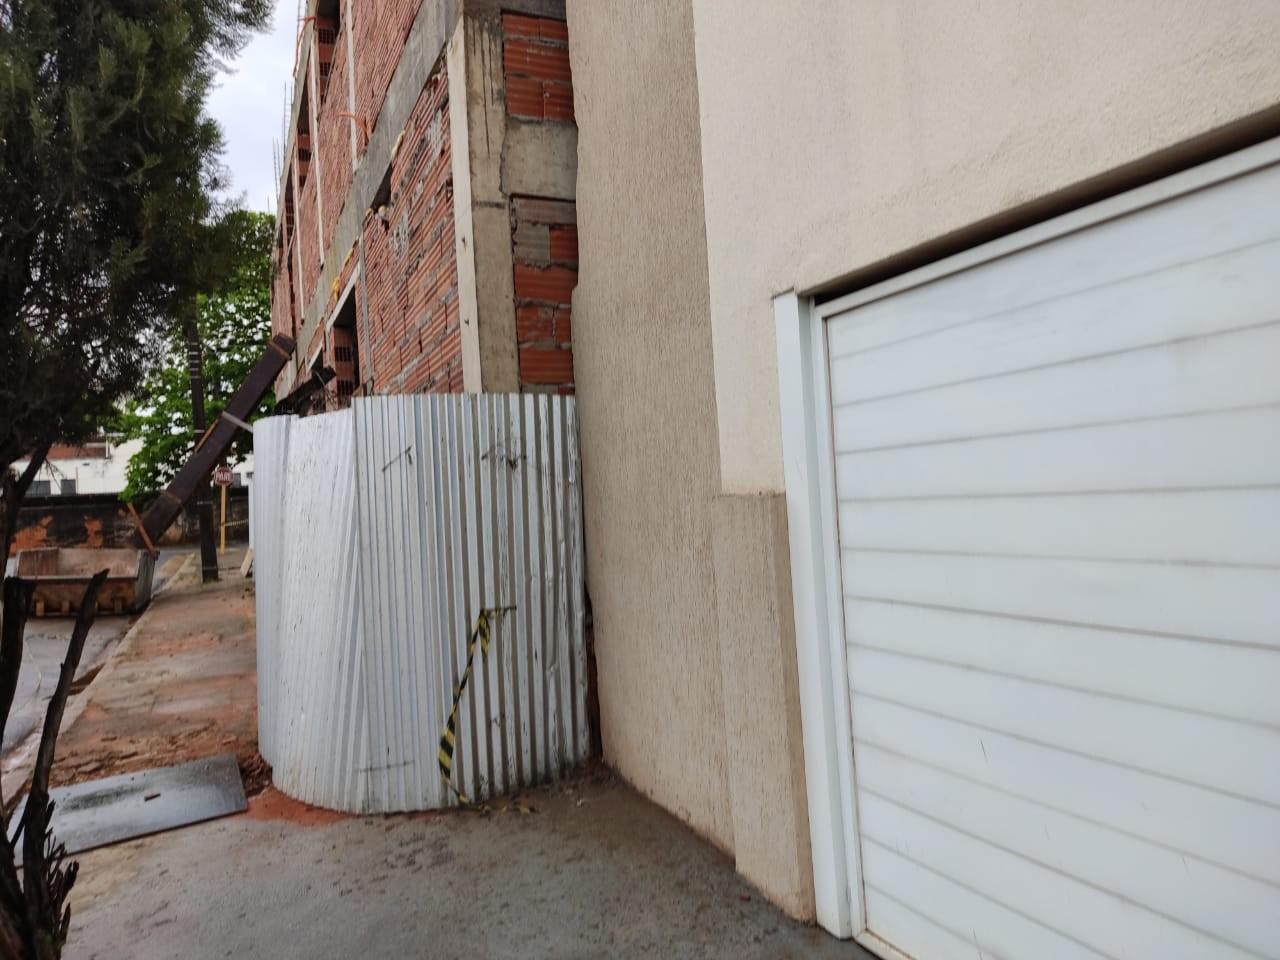 Prefeitura e empresa alegam ao MPE que terreno do Atende Prudente já avançava sobre a calçada antes de desapropriação